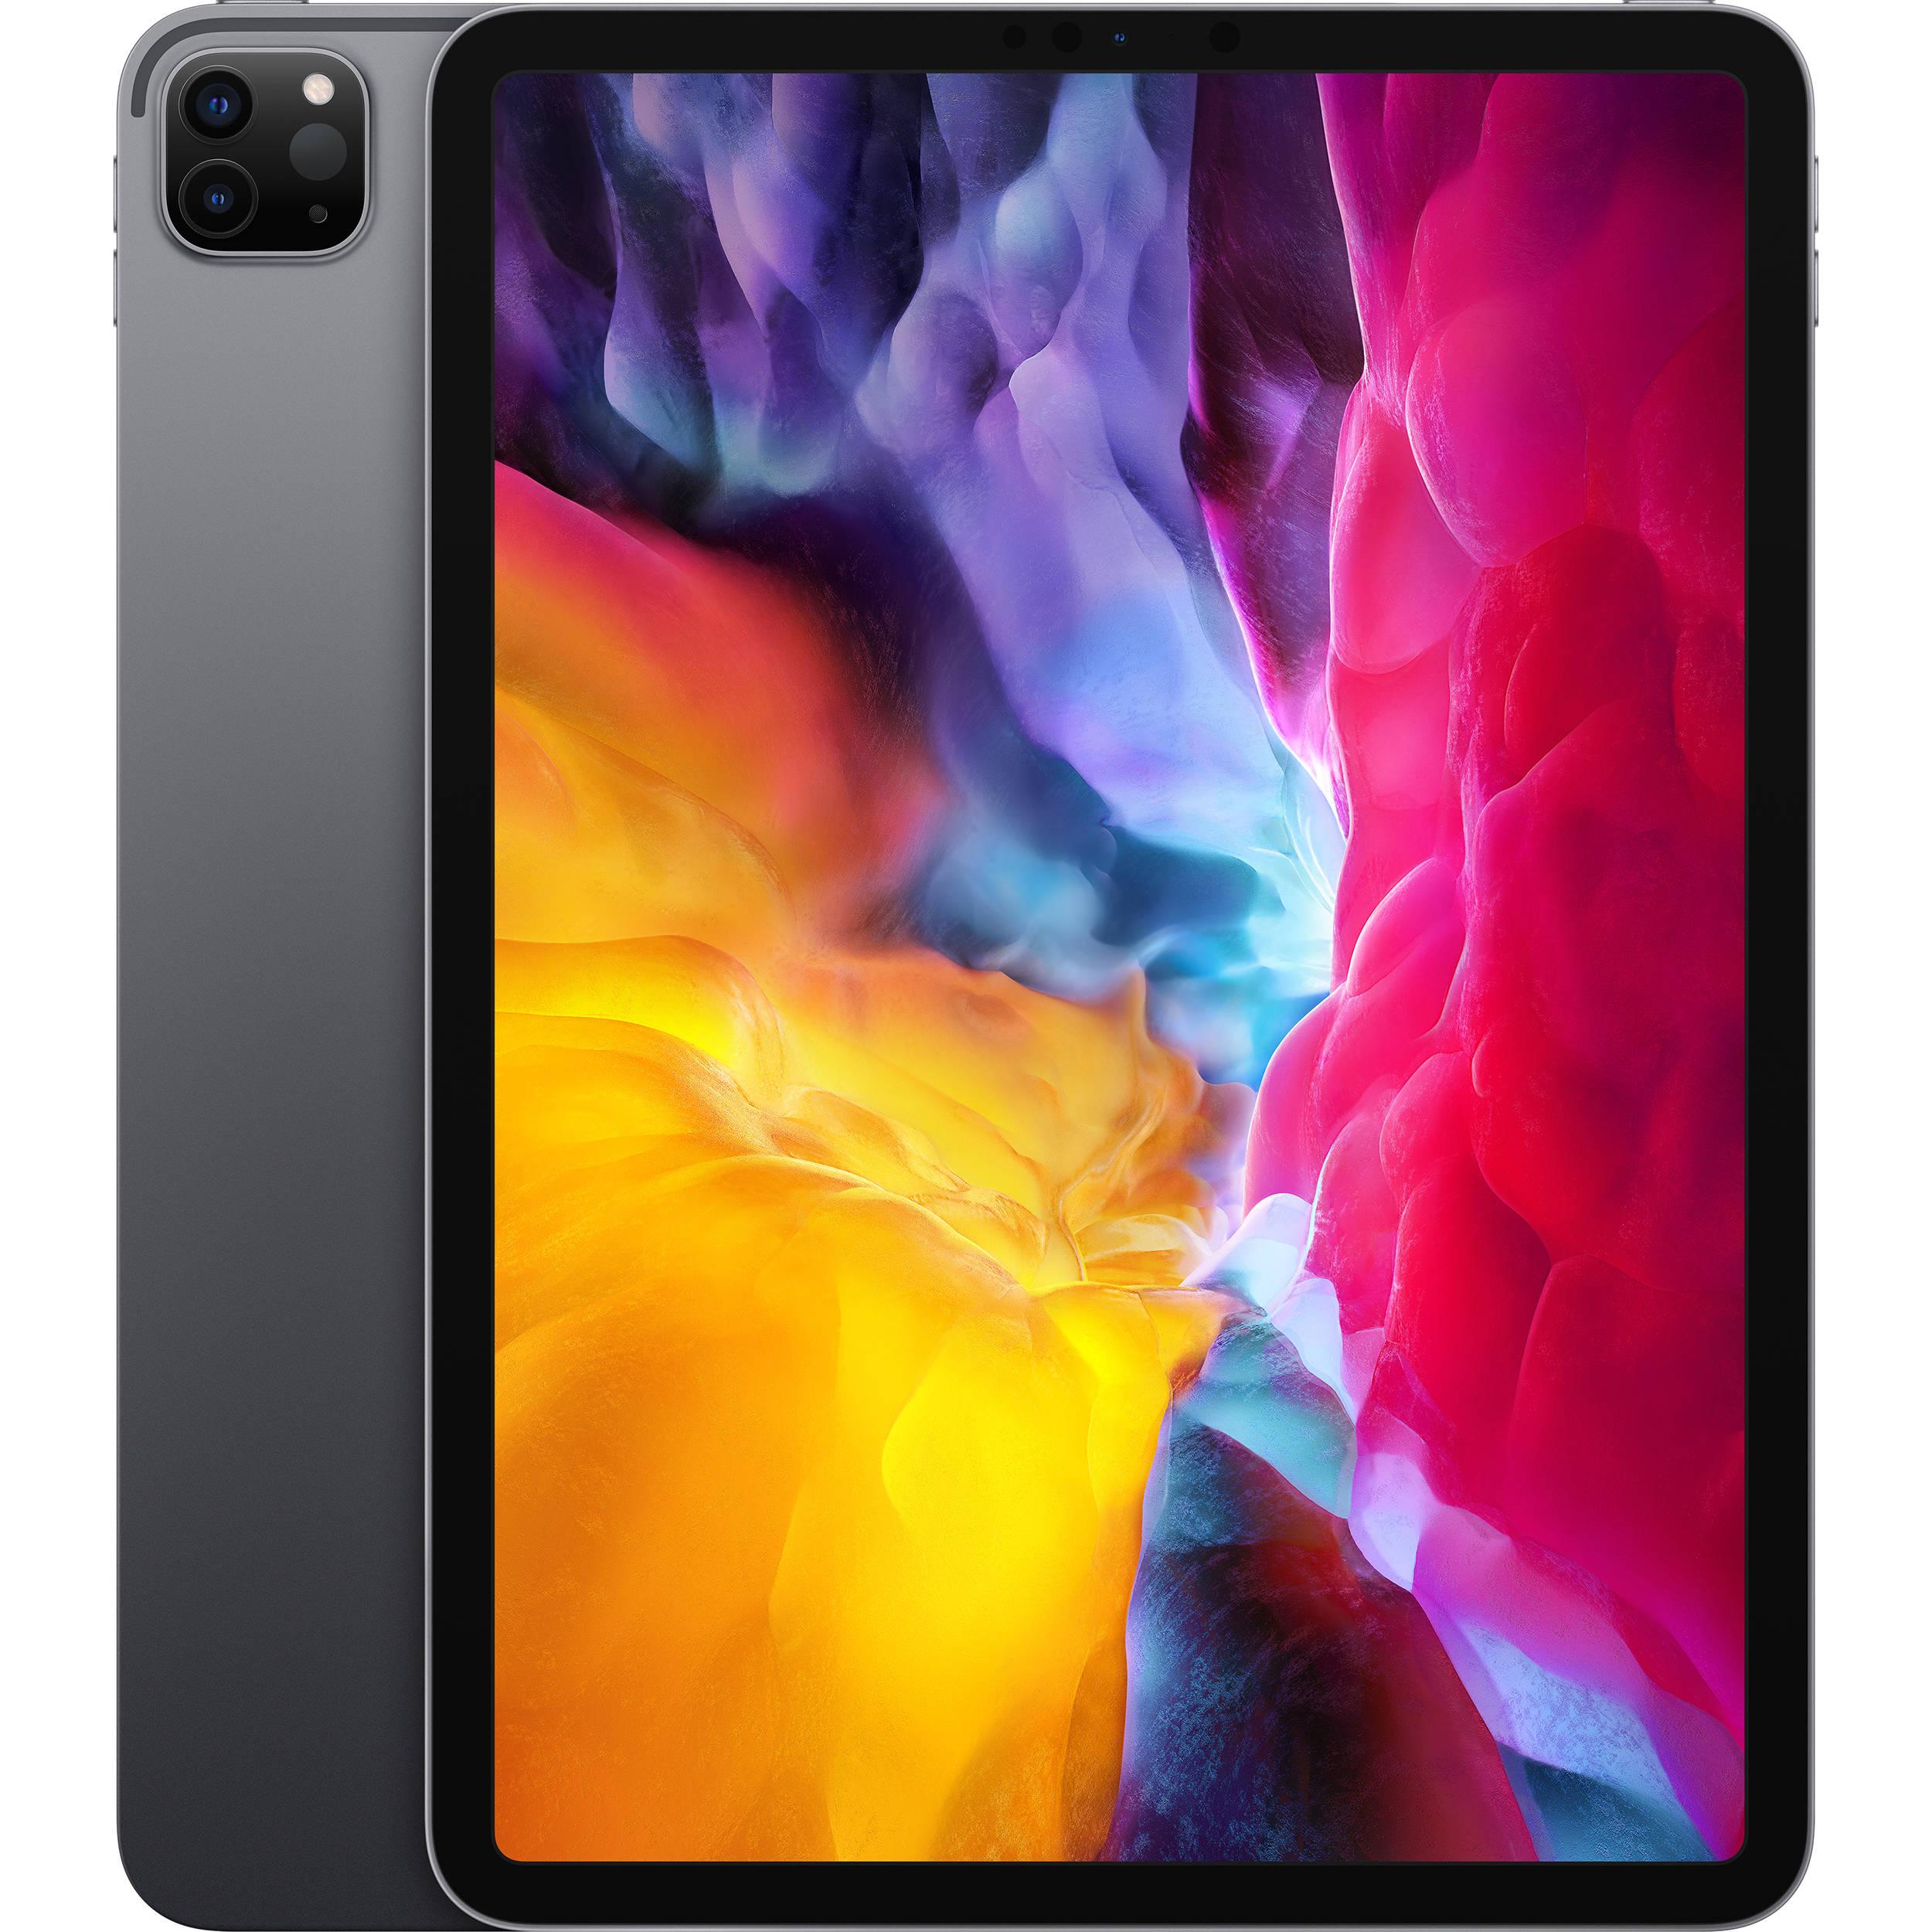 تبلت اپل مدل iPad Pro 11 inch 2020 WiFi ظرفیت 128 گیگابایت  main 1 1